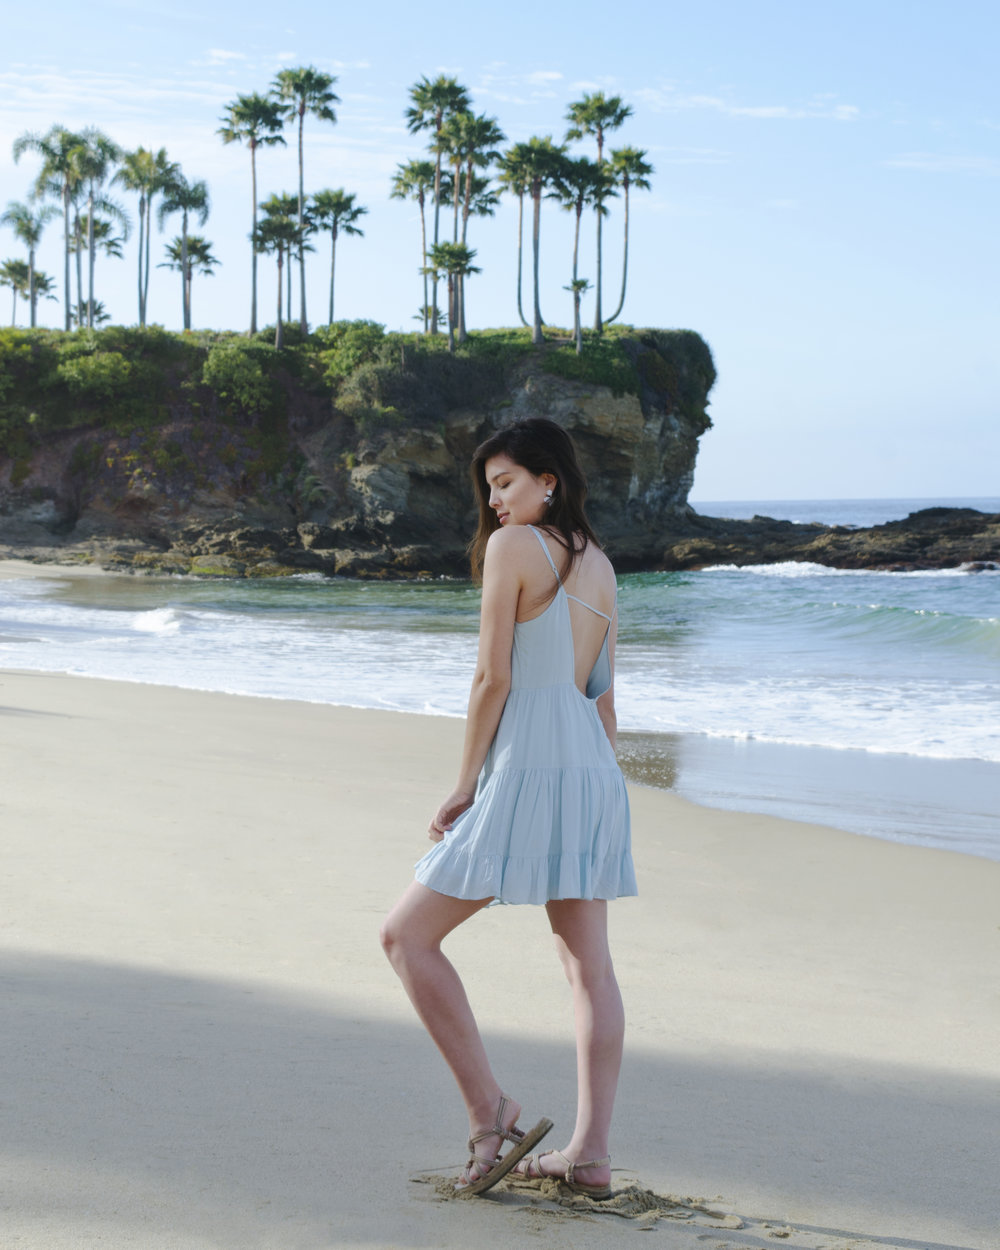 laguna beach seeking chelle